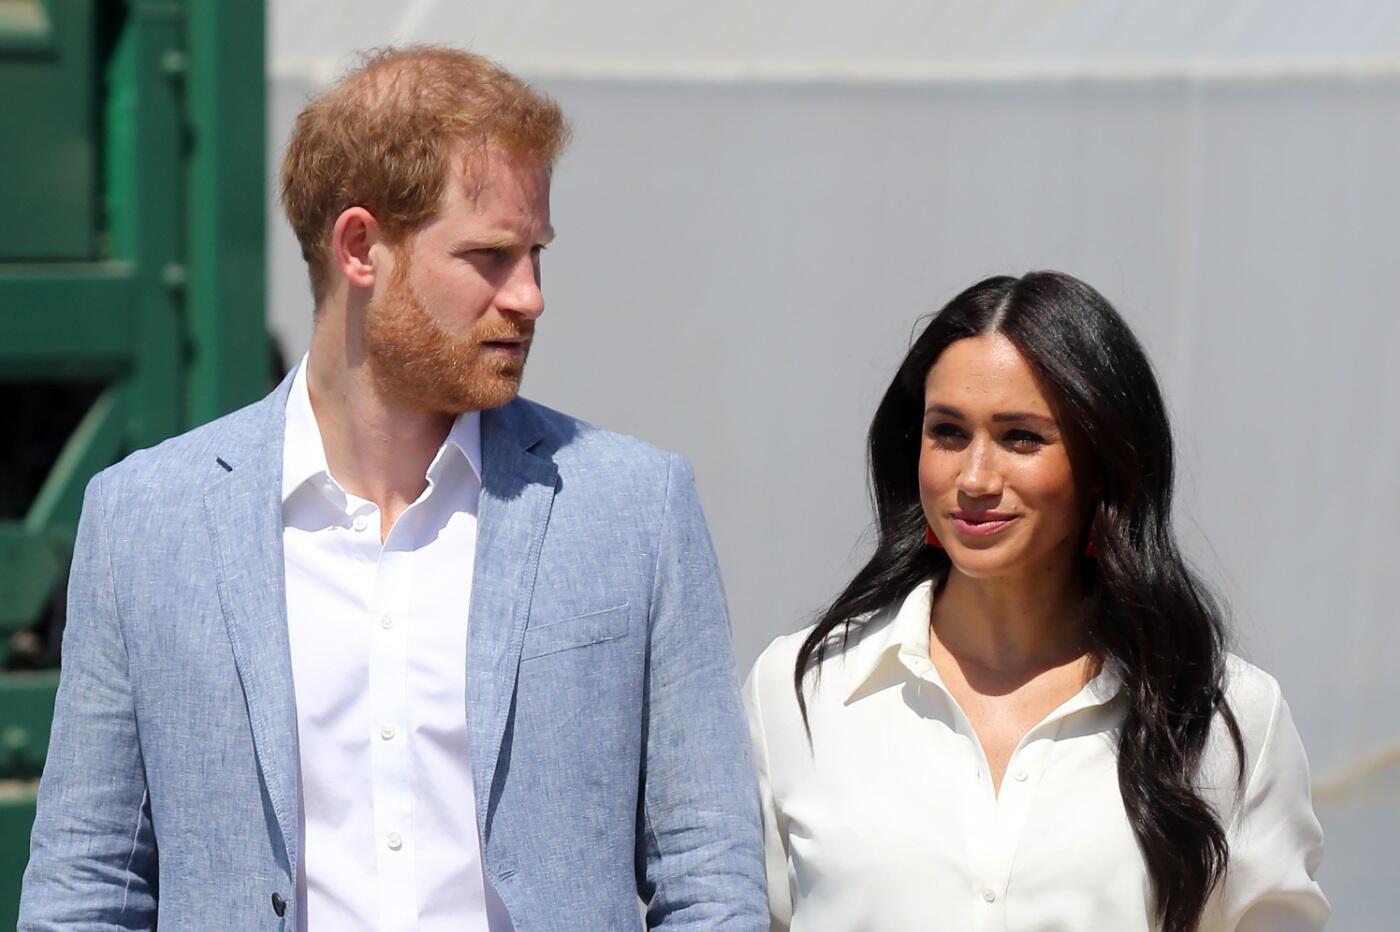 Принц Гарри и Меган Маркл вместо благотворительности будут бороться с расизмом